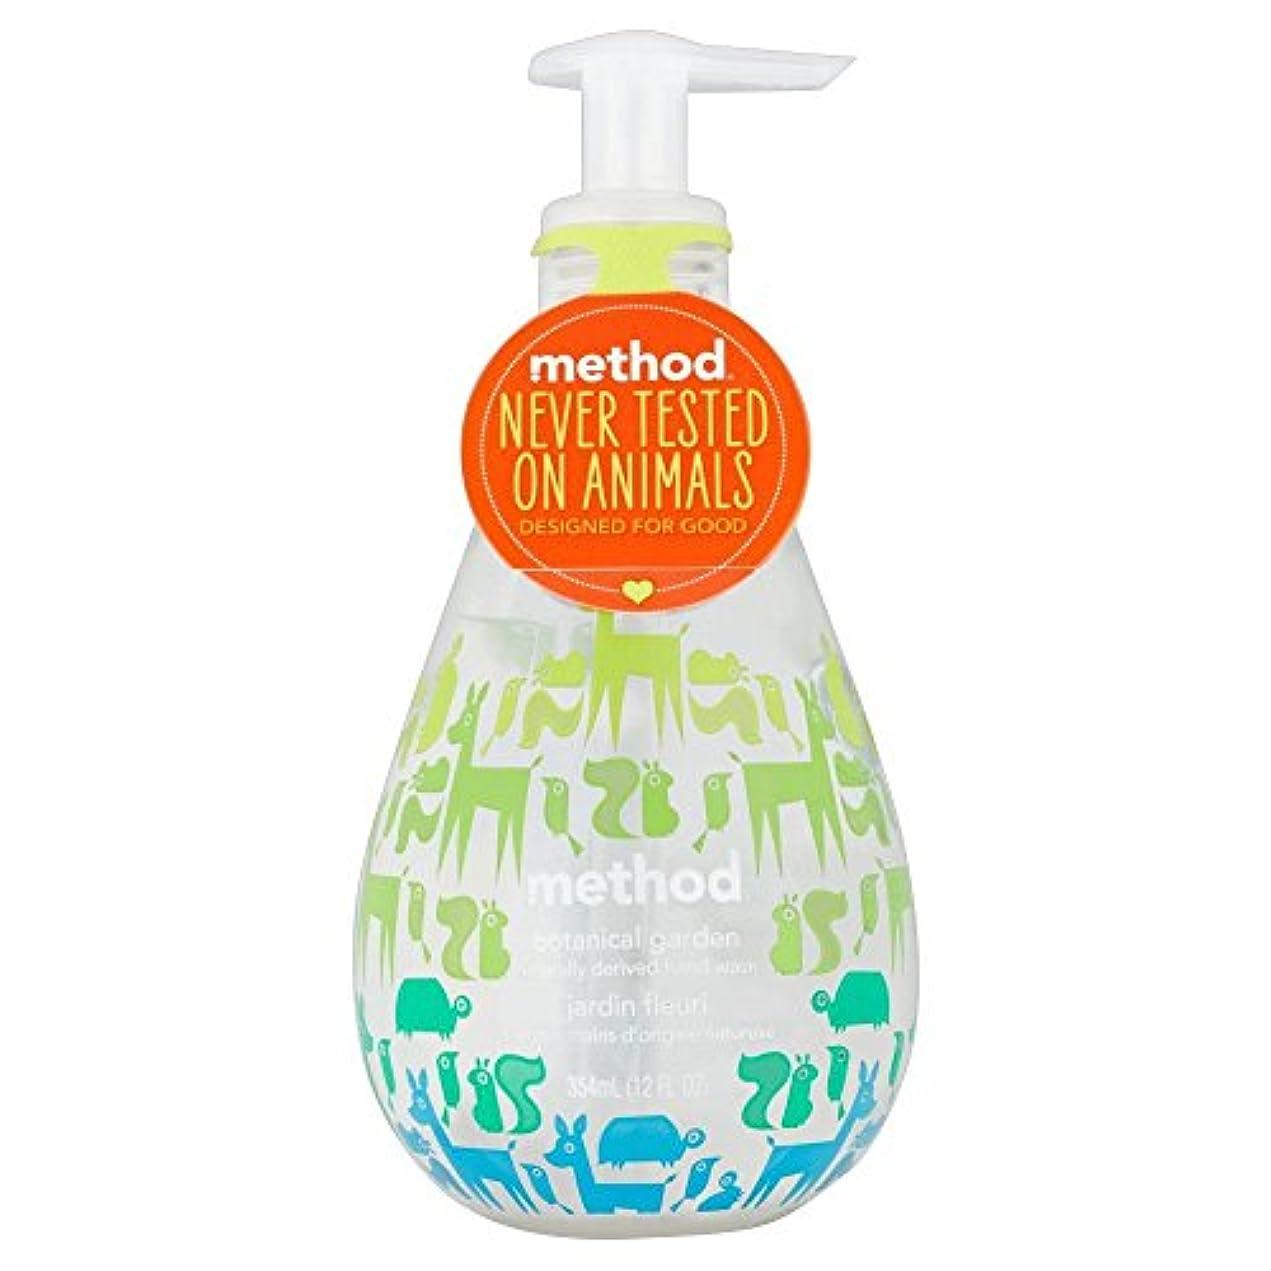 透明に地獄フィッティングMethod Hand Wash - Botanical Garden (354ml) メソッドハンドウォッシュ - 植物園( 354ミリリットル) [並行輸入品]